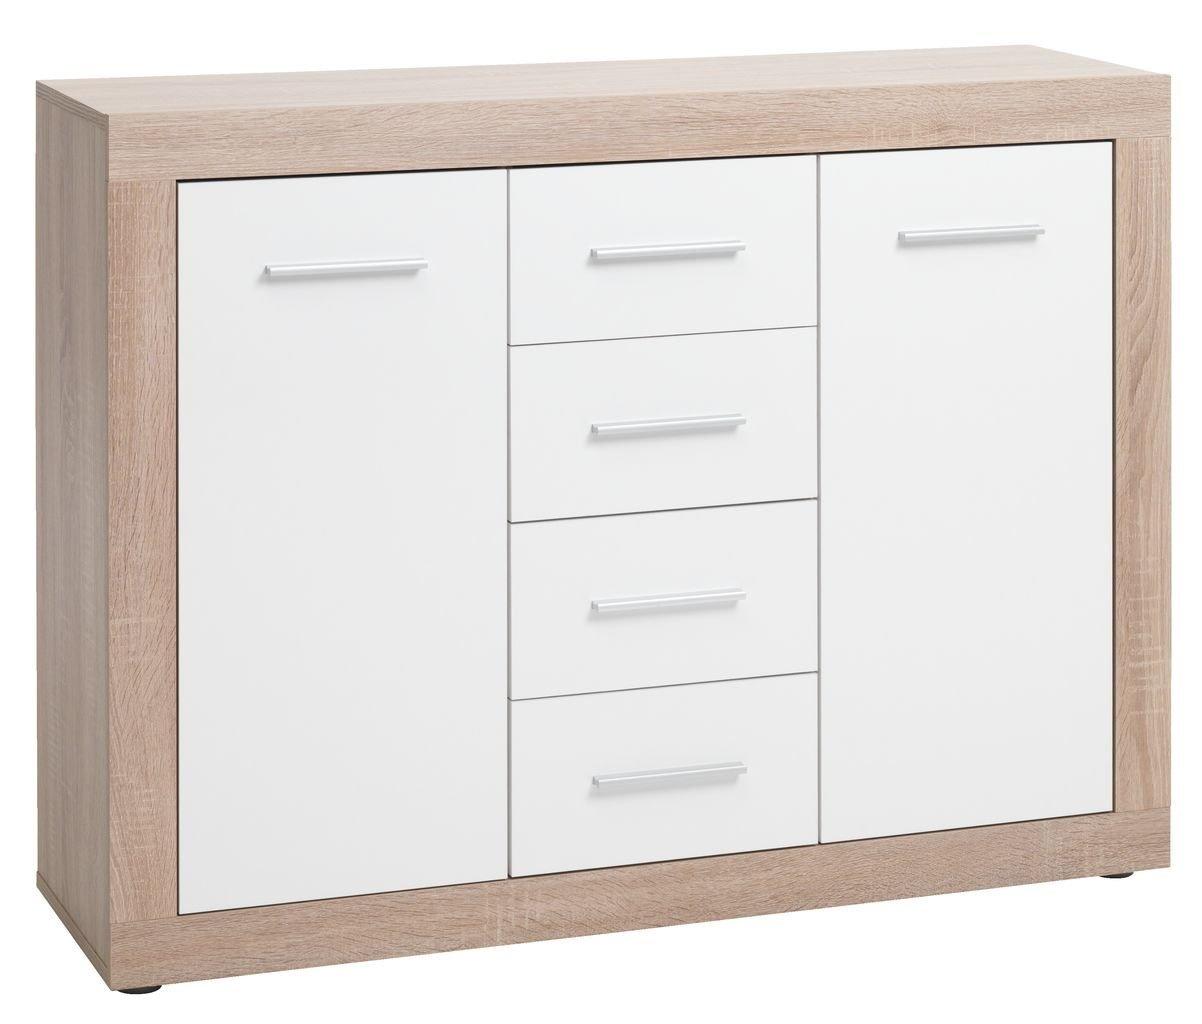 Jysk Sideboard Favrbo 2 Door Oak White By Jysk Shop Online For